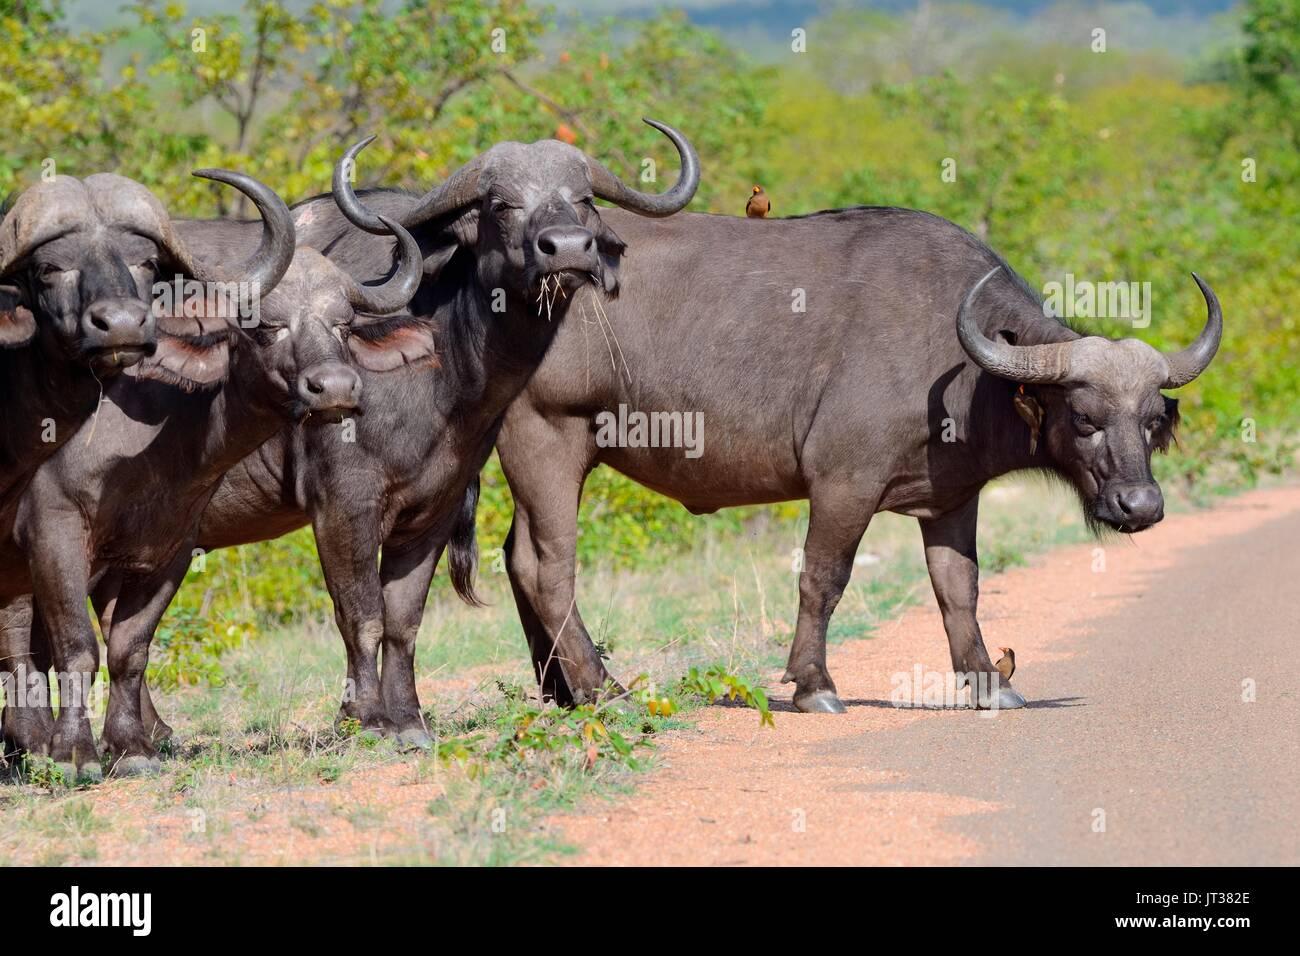 Afrikanischer Büffel (Syncerus Caffer) stehen in der Zeile durch die Seite der asphaltierten Straße mit Red-billed oxpeckers, Krüger Nationalpark, Südafrika, Afrika Stockbild